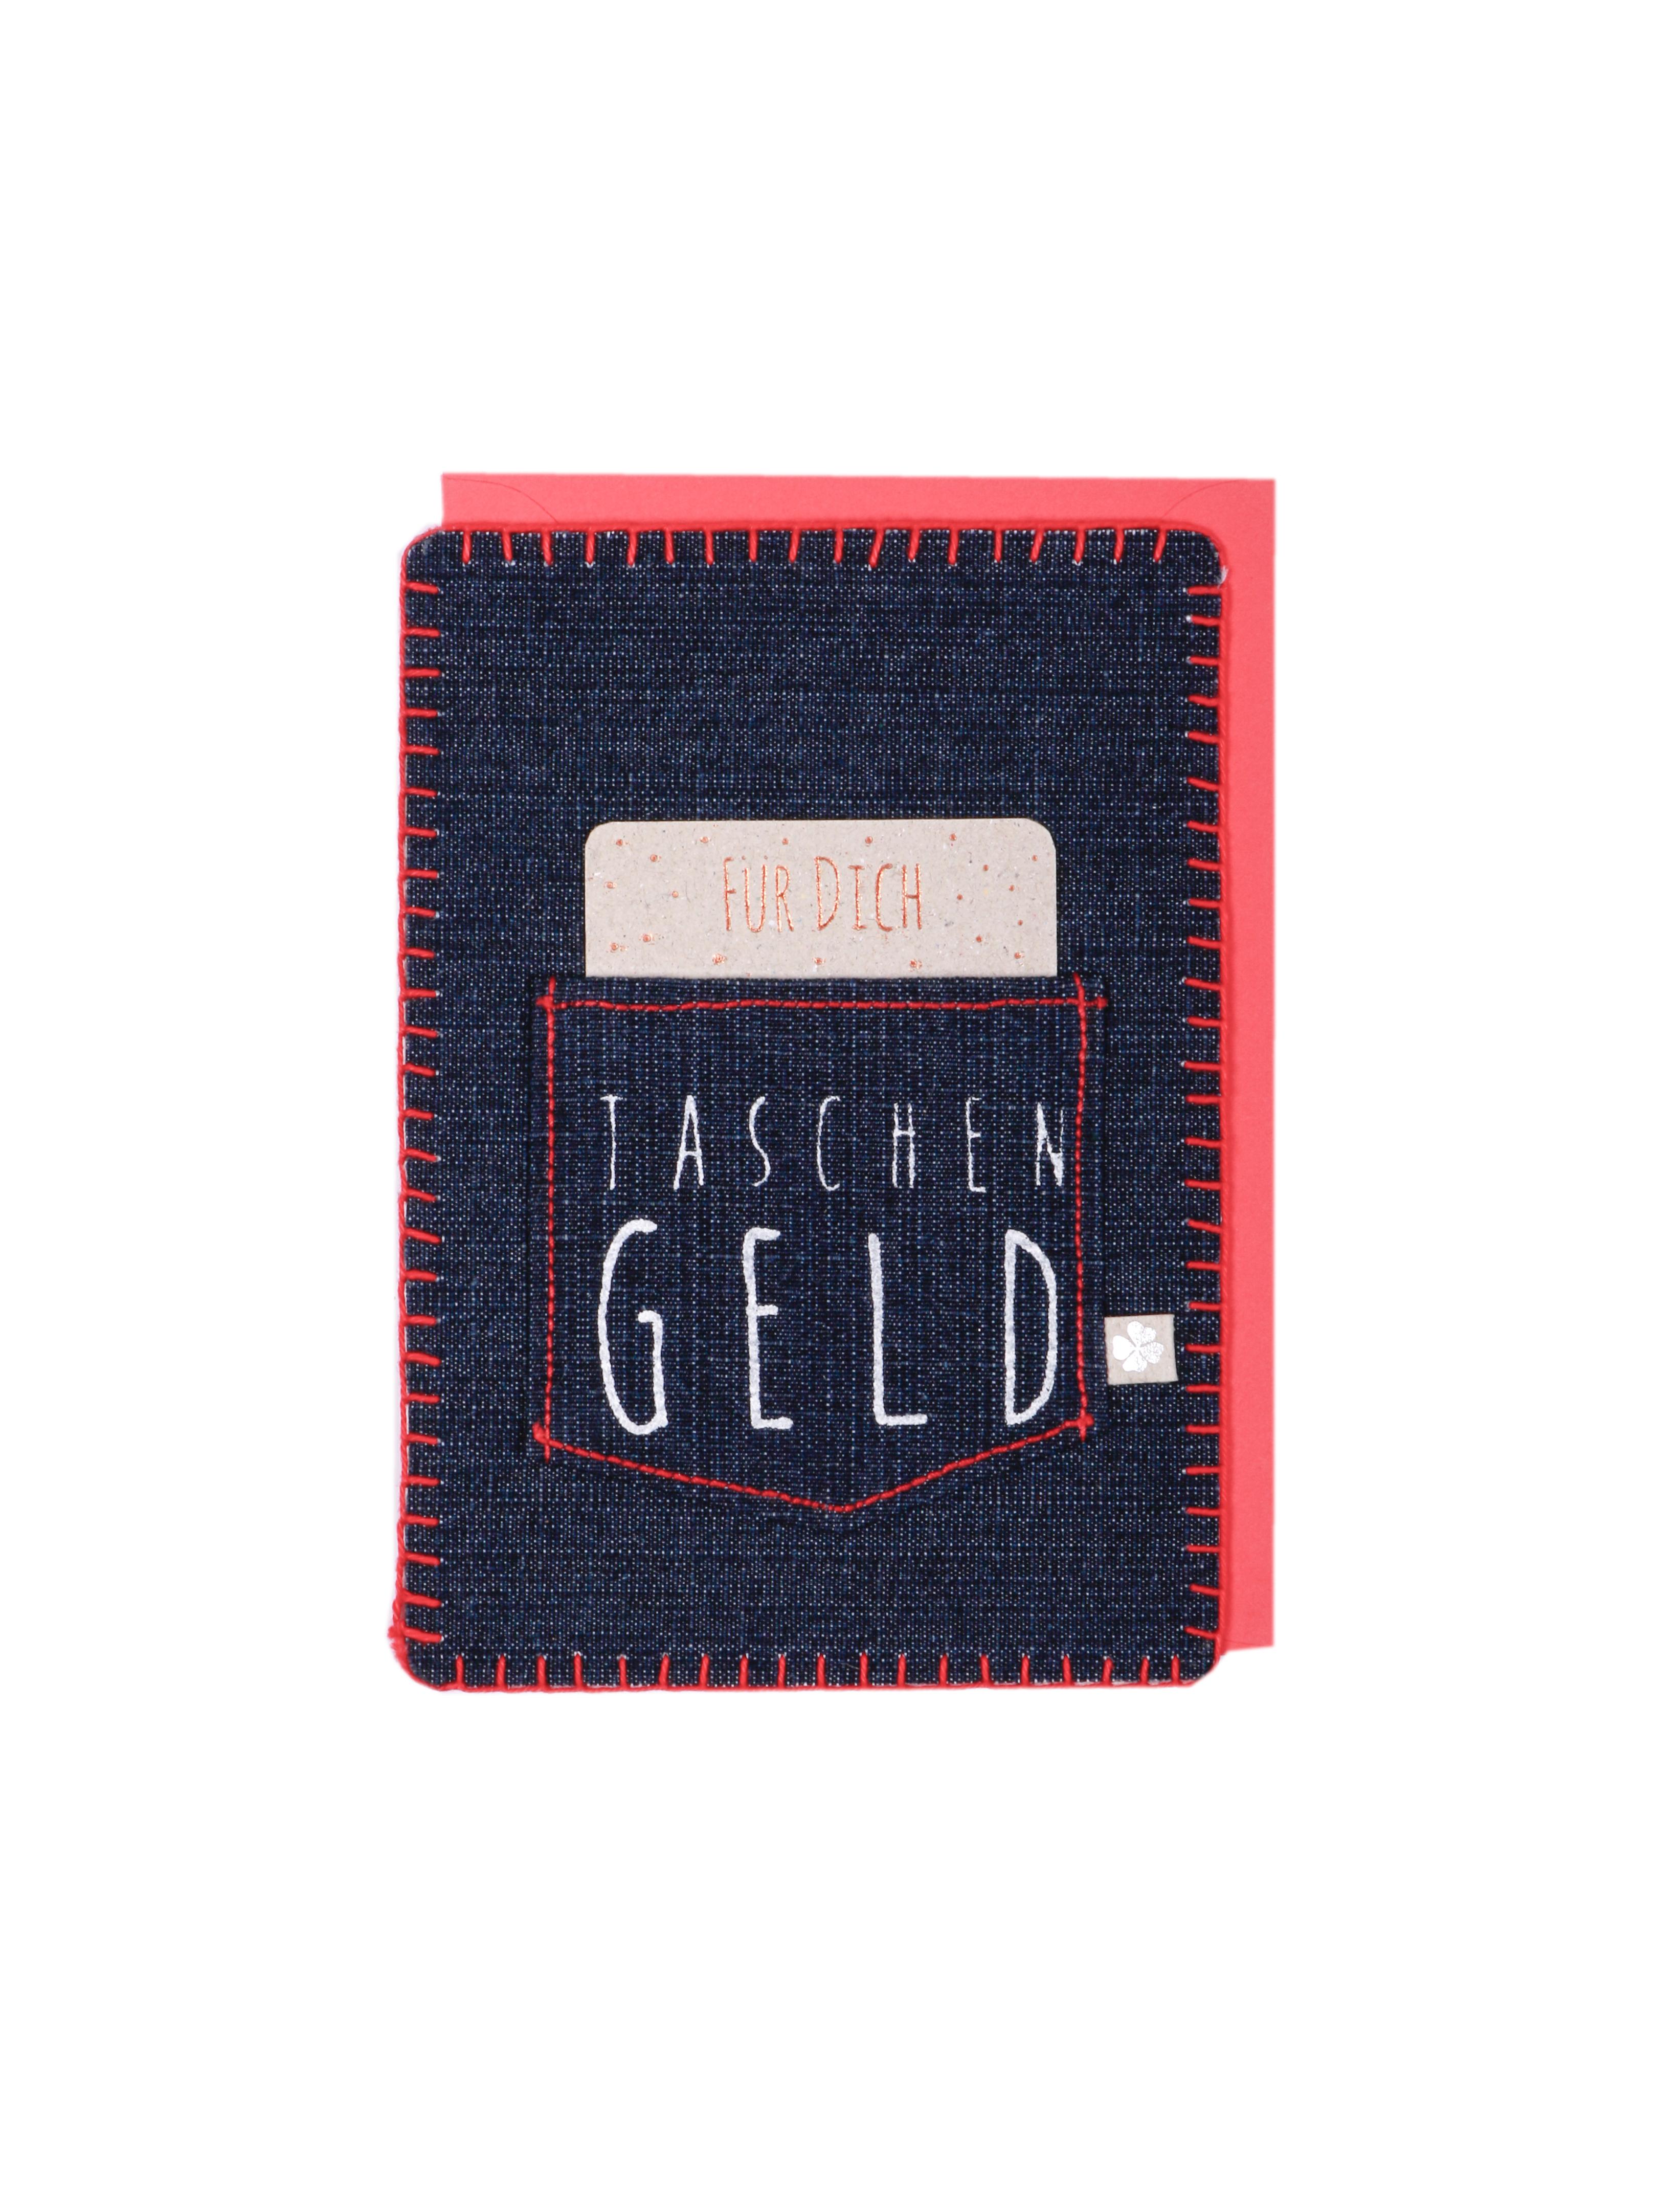 Geschenkkarte - Taschengeld - Good old friends